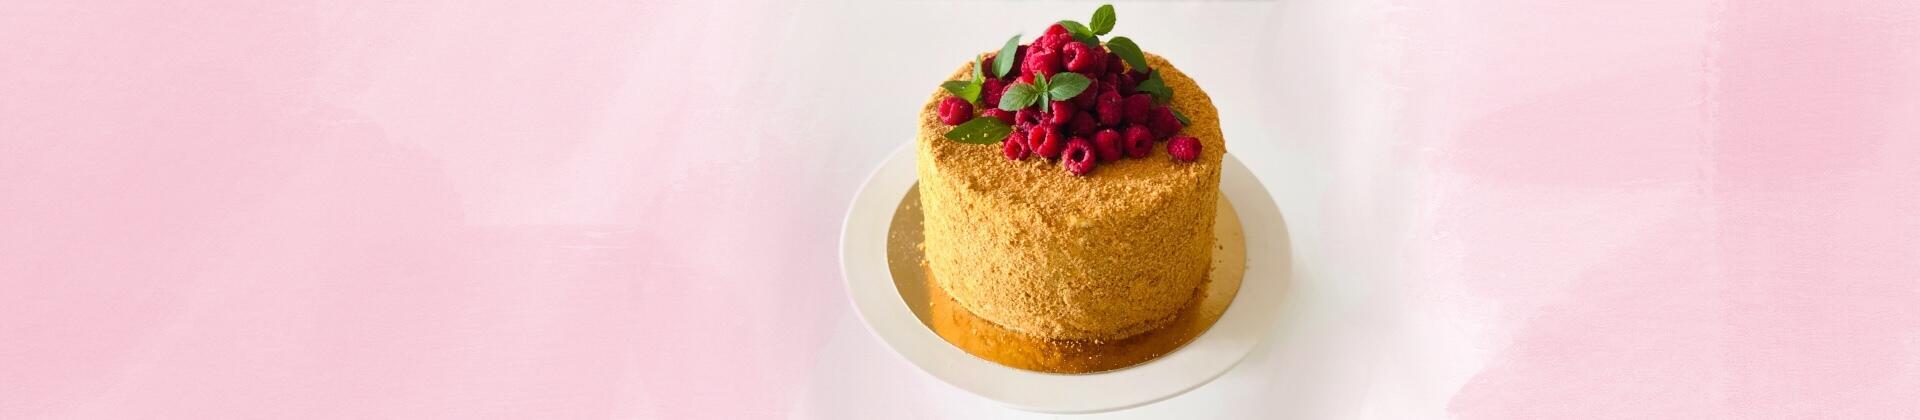 Вертикальный медовик с ягодным декором